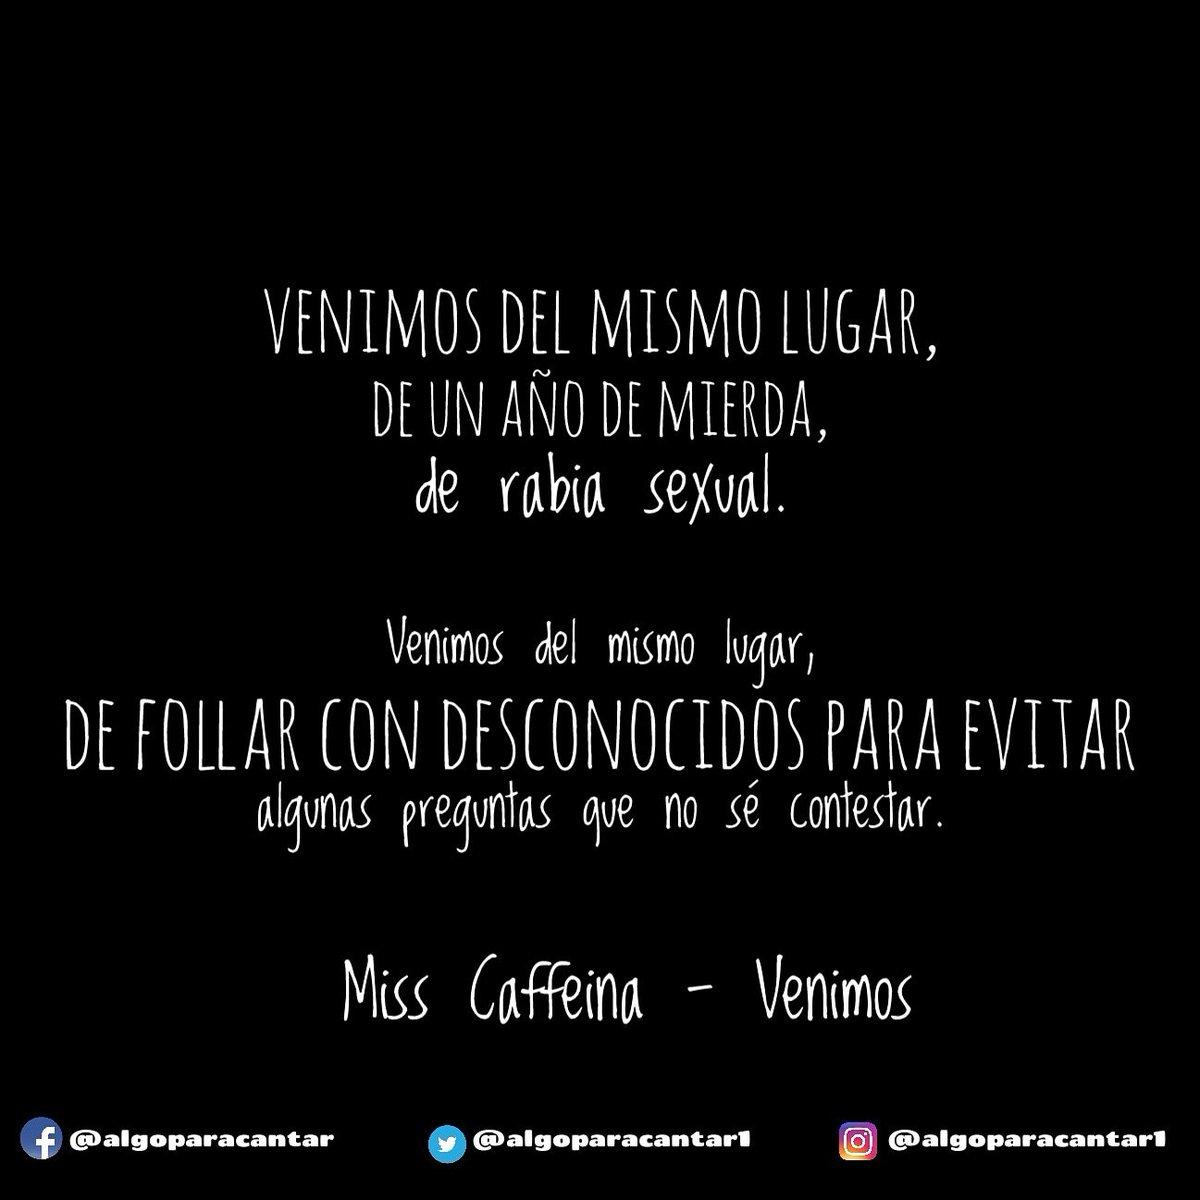 Algo Para Cantar на твитеру Frases Misscaffeina Venimos